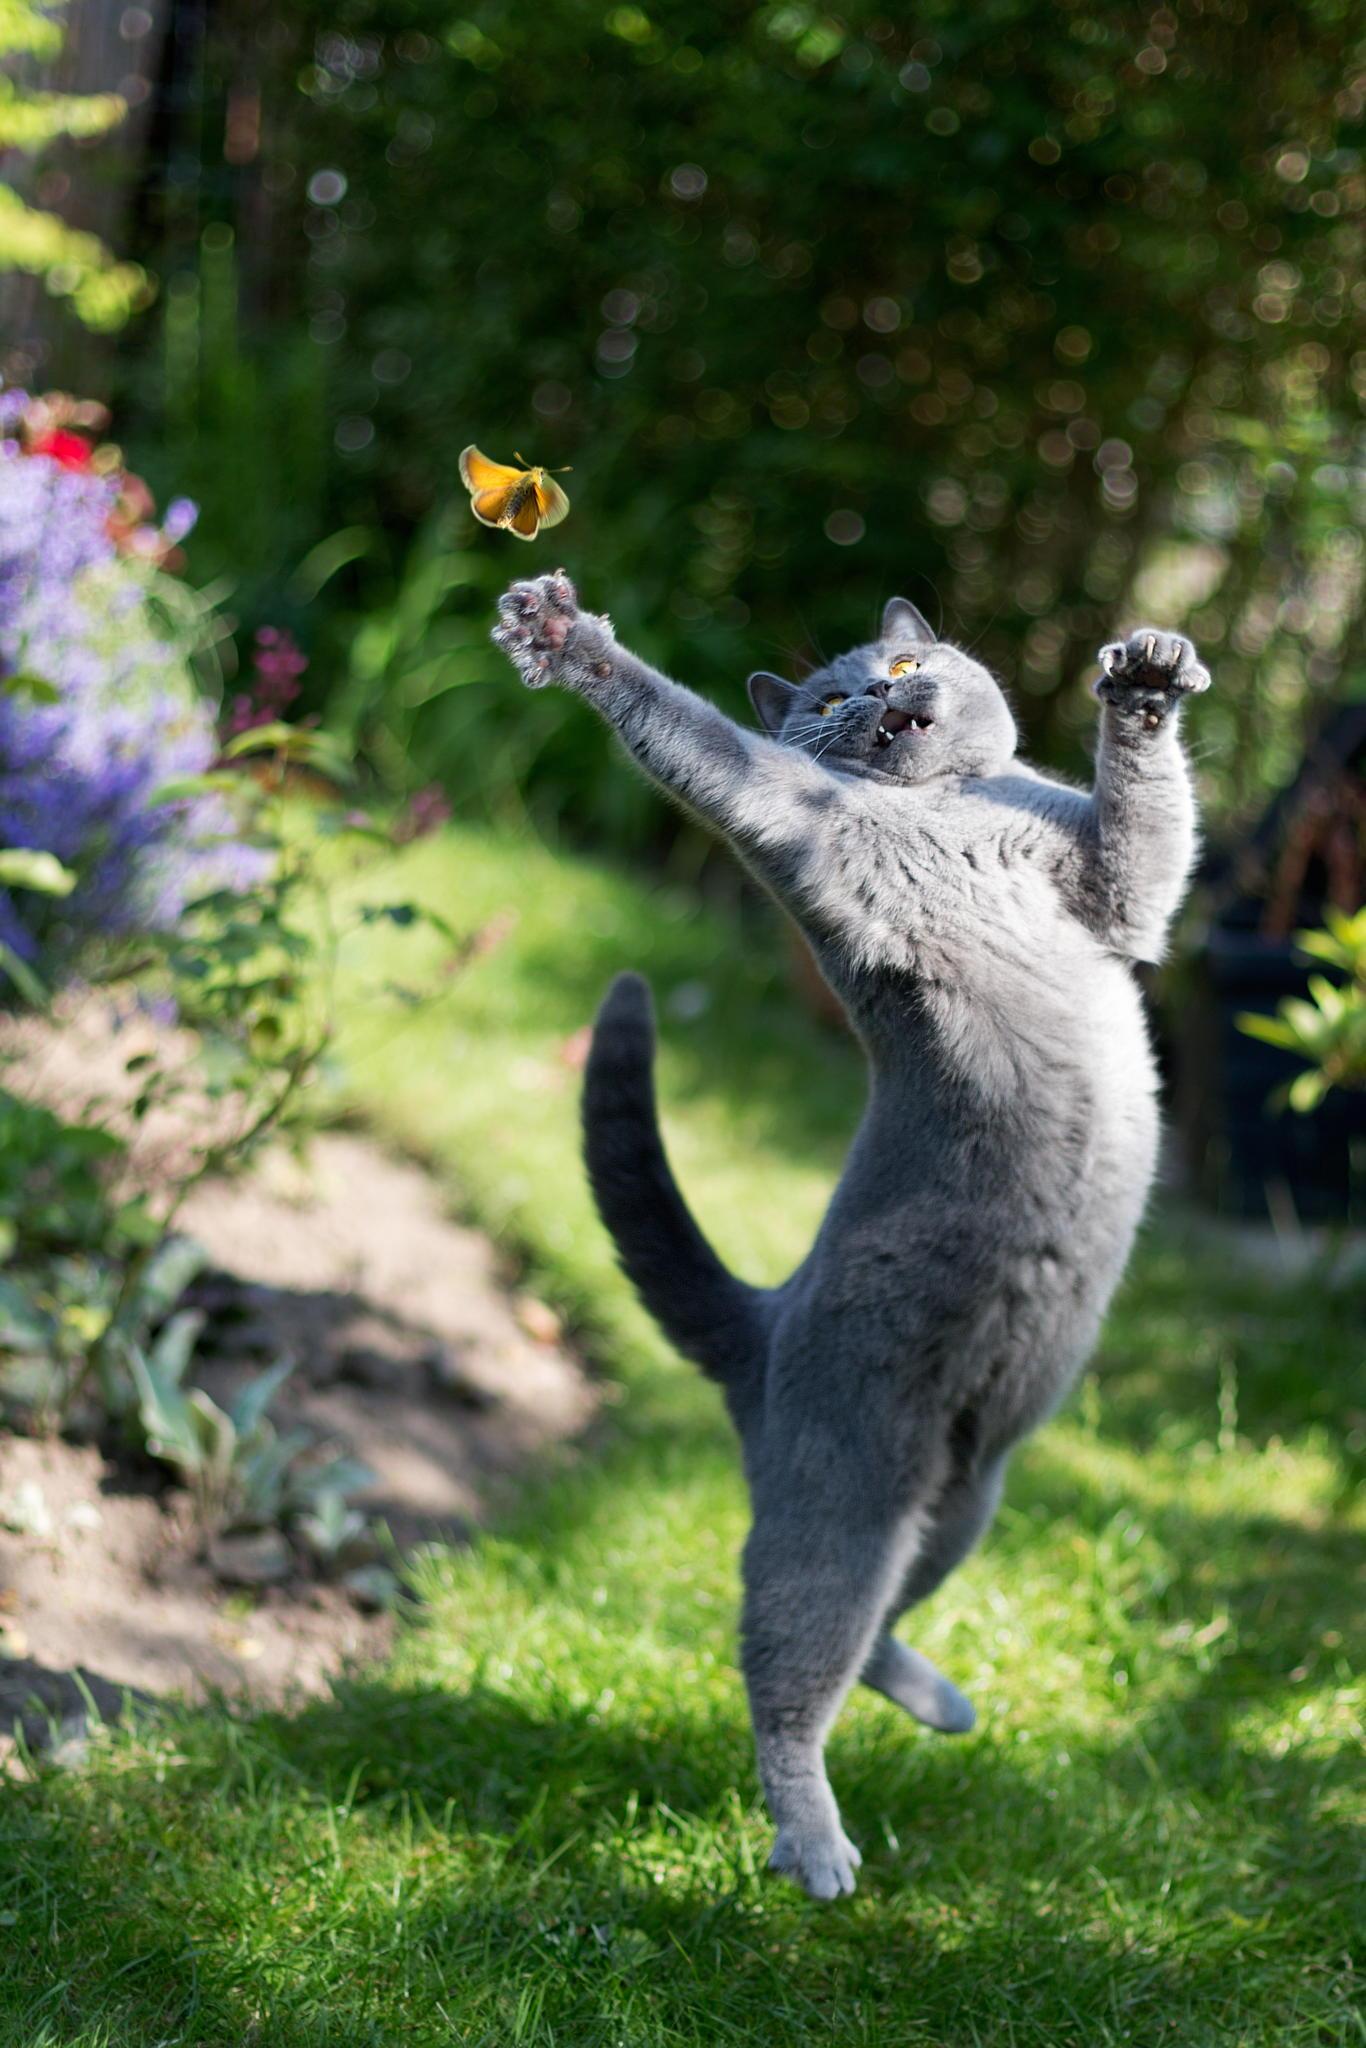 как заинтересовать животное во время съемки